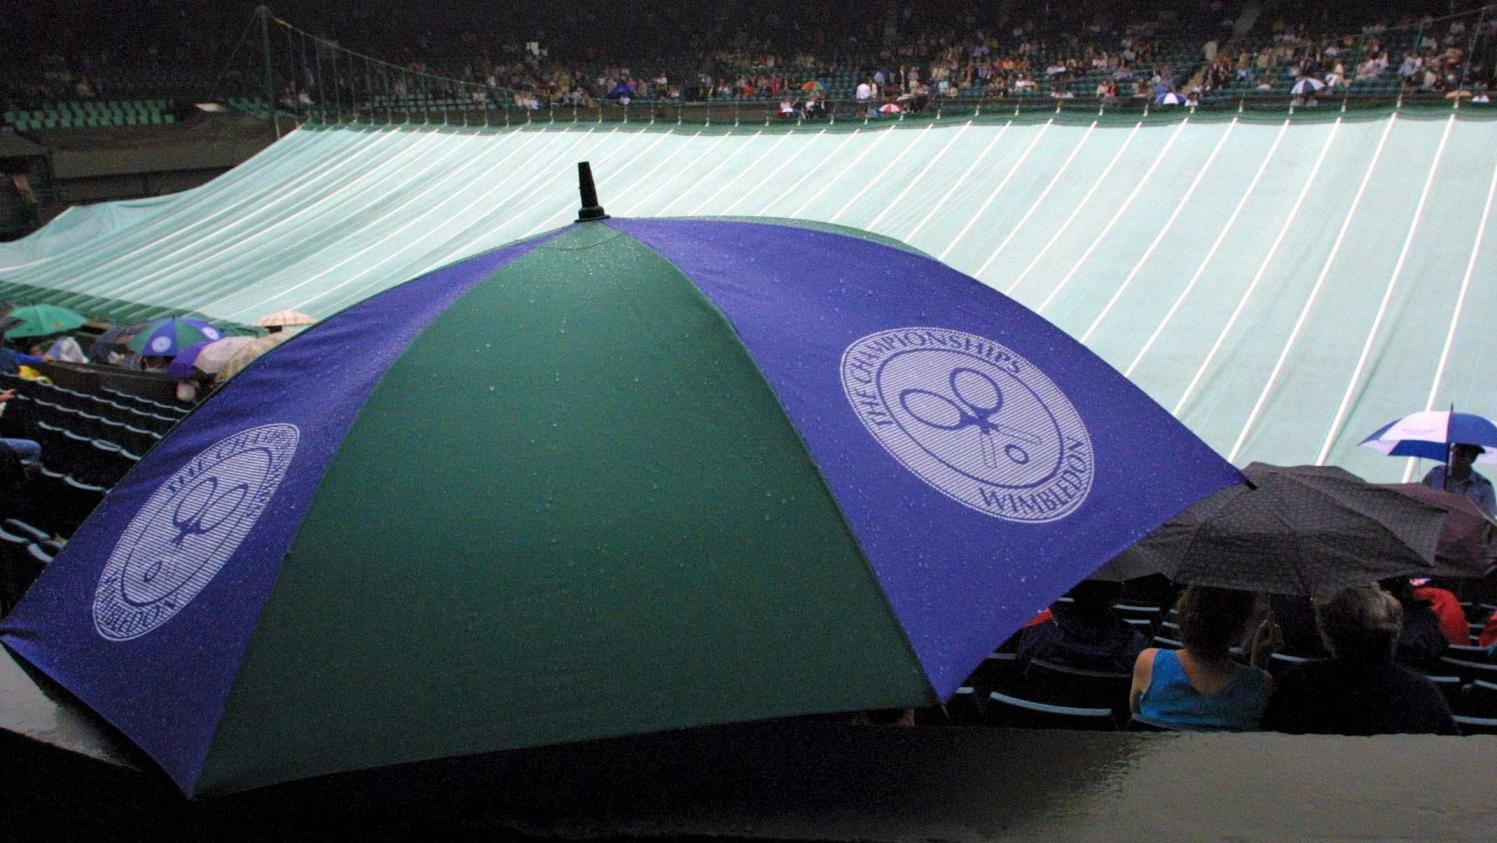 """""""Faire un trait"""" sur 2020 ou """"rejouer dès que possible"""" : le monde du tennis divisé sur la poursuite de la saison malgré le coronavirus"""